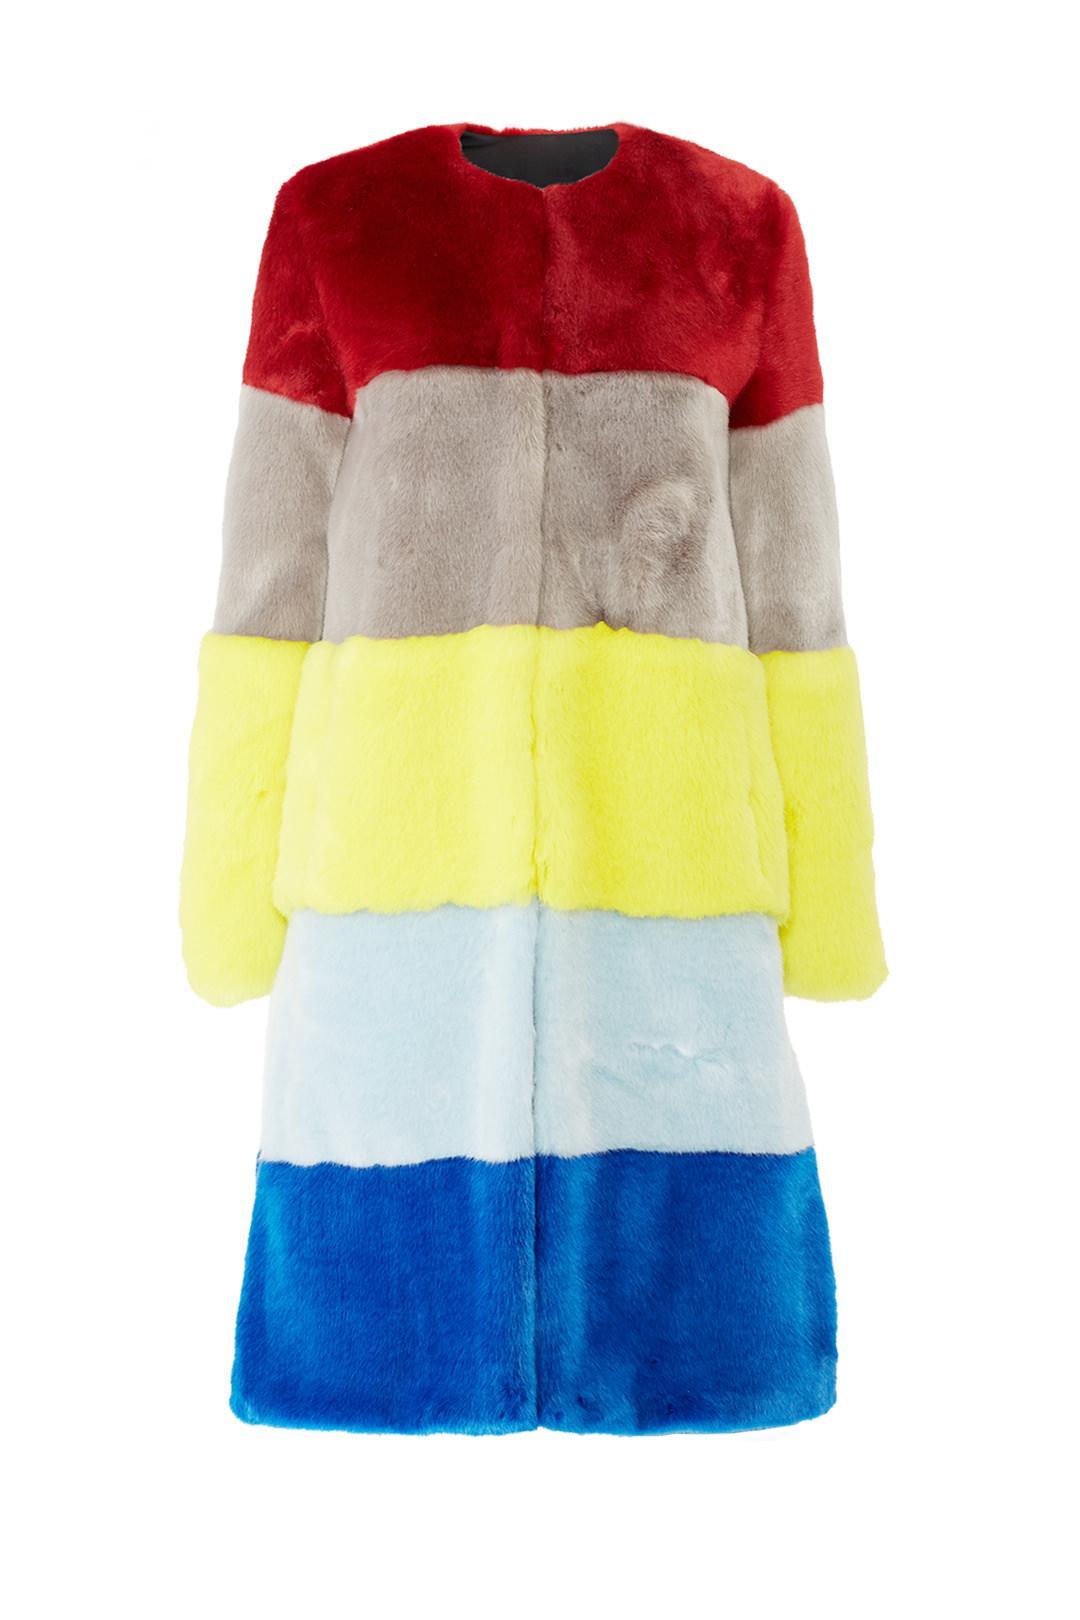 Osman Ona Faux Fur Patchwork Coat, $589 @thredup.com